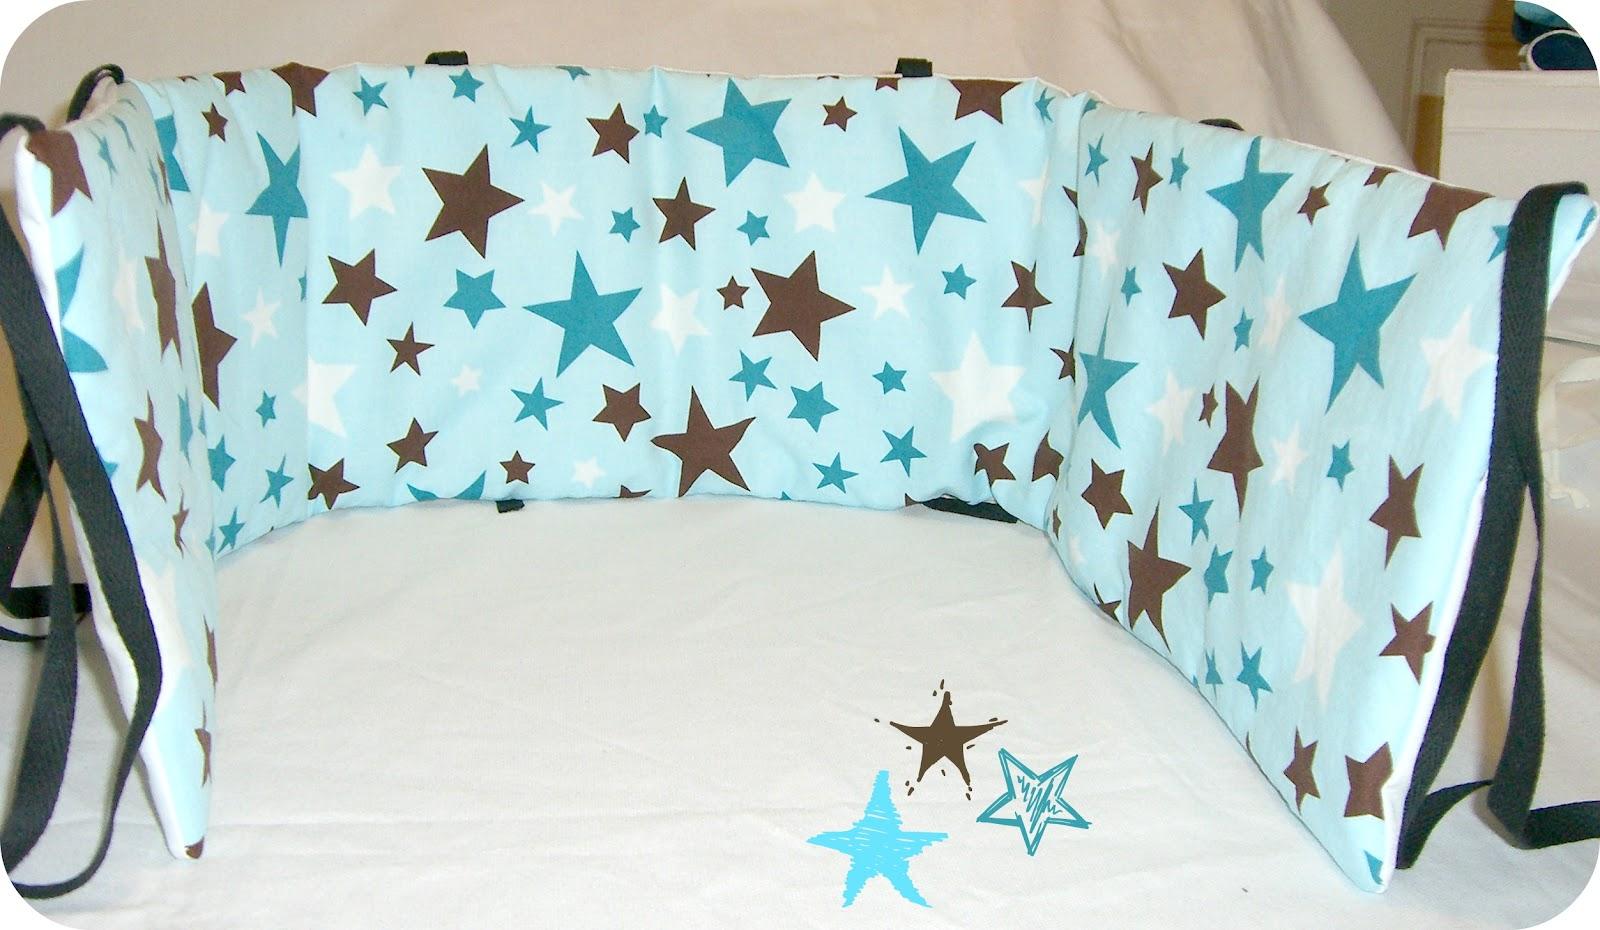 pigugi baby kollektion bugaboo verdeck und bugaboo nestchen. Black Bedroom Furniture Sets. Home Design Ideas